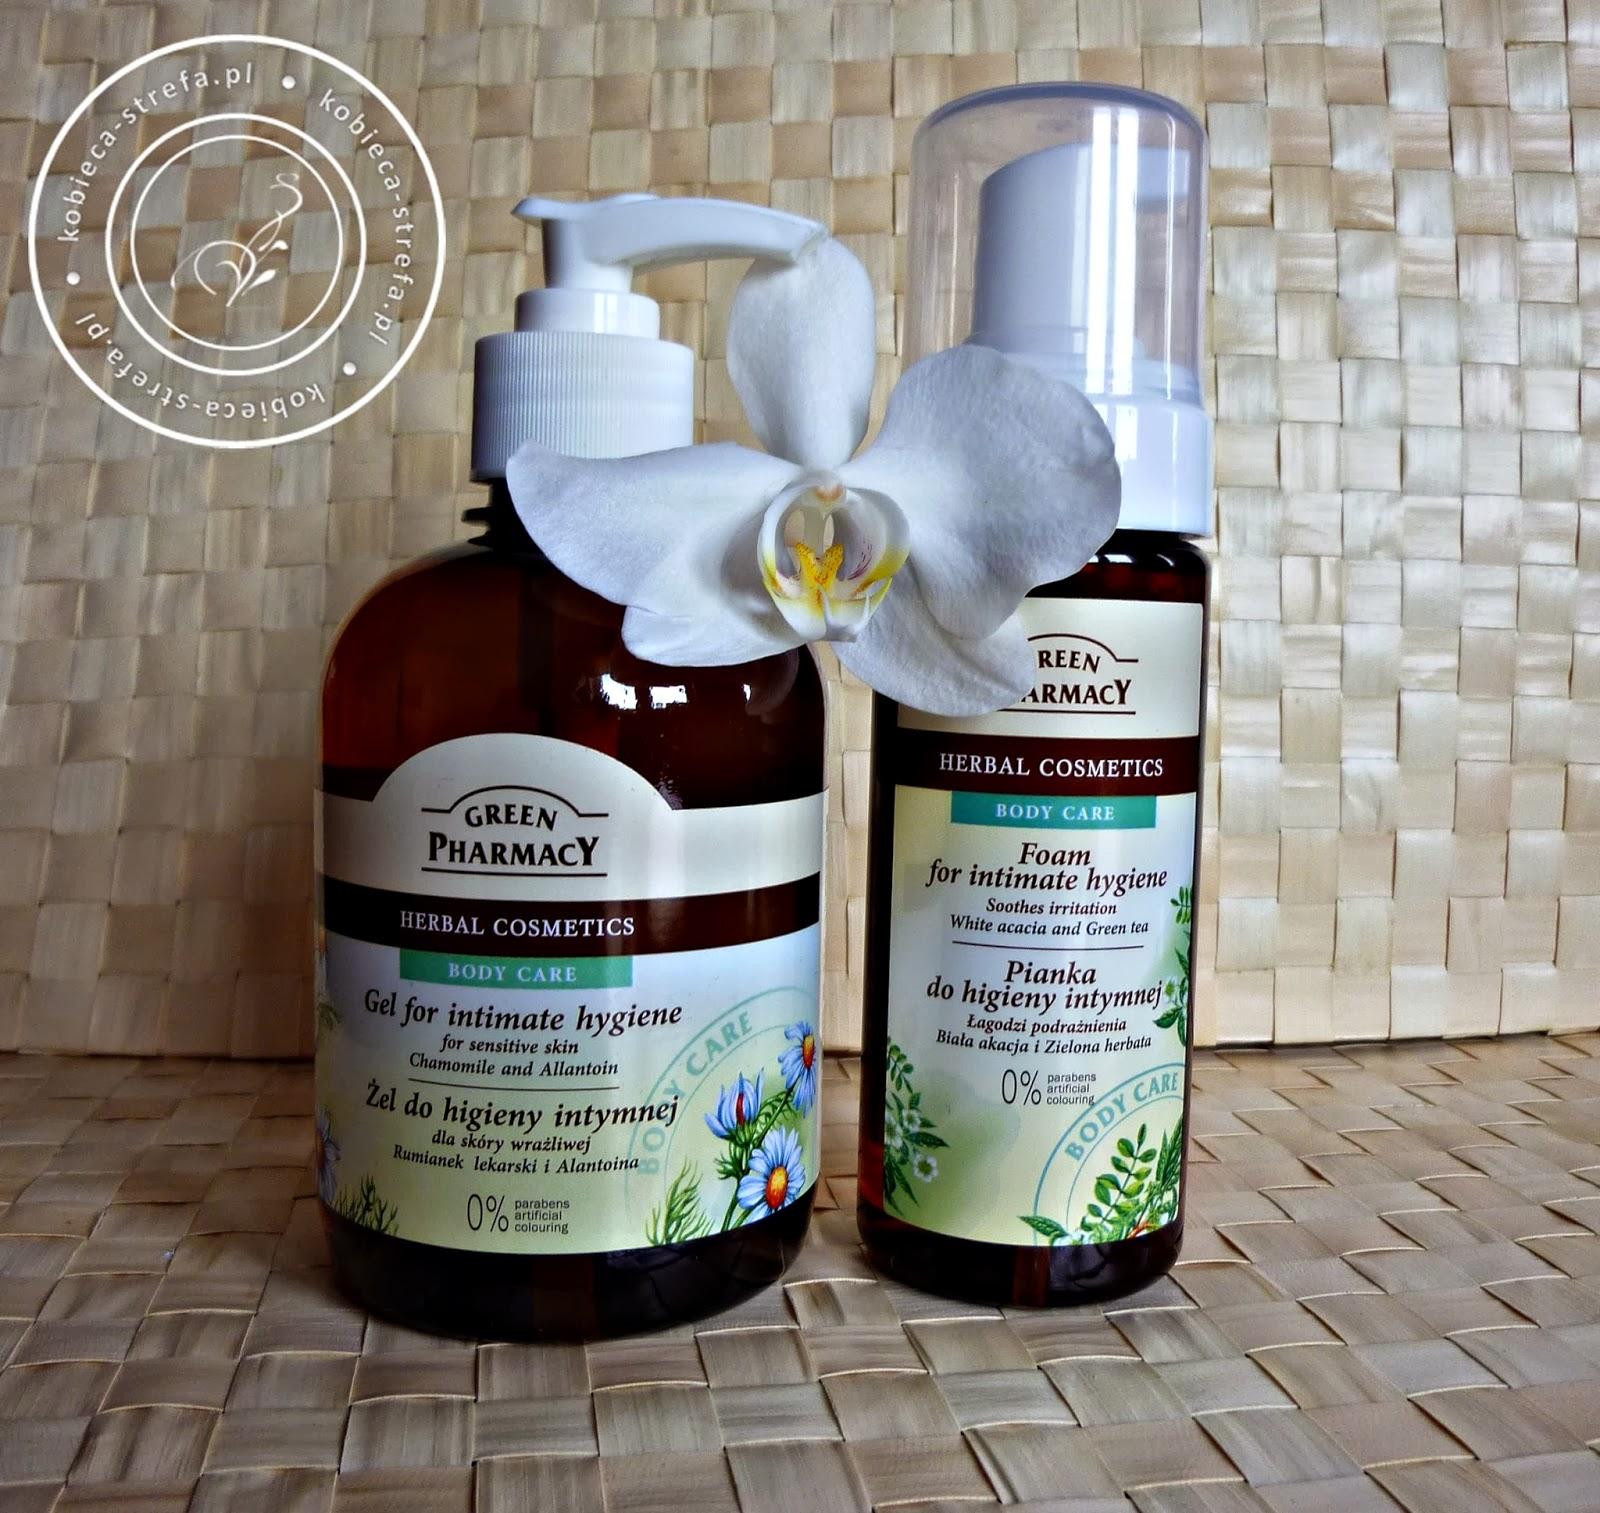 Green Pharmacy - pianka i żel do higieny intymnej - Recenzja porównawcza - pianka biała akacja i zielona herbata i żel rumianek lekarski i alantoina